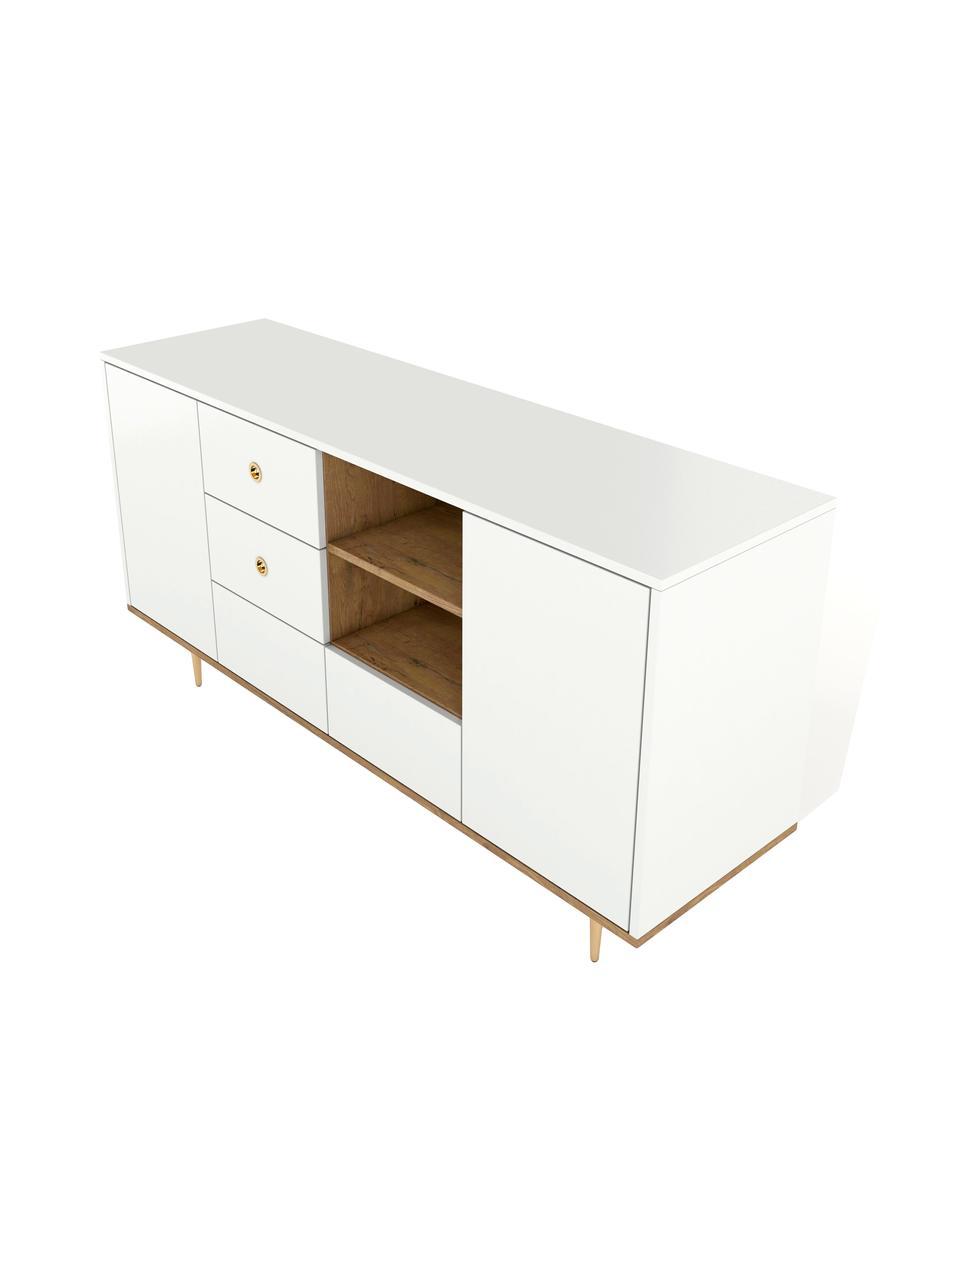 Modernes Sideboard Harmoni in Weiß, Korpus: Hochdichte Holzfaserplatt, Weiß, 160 x 83 cm